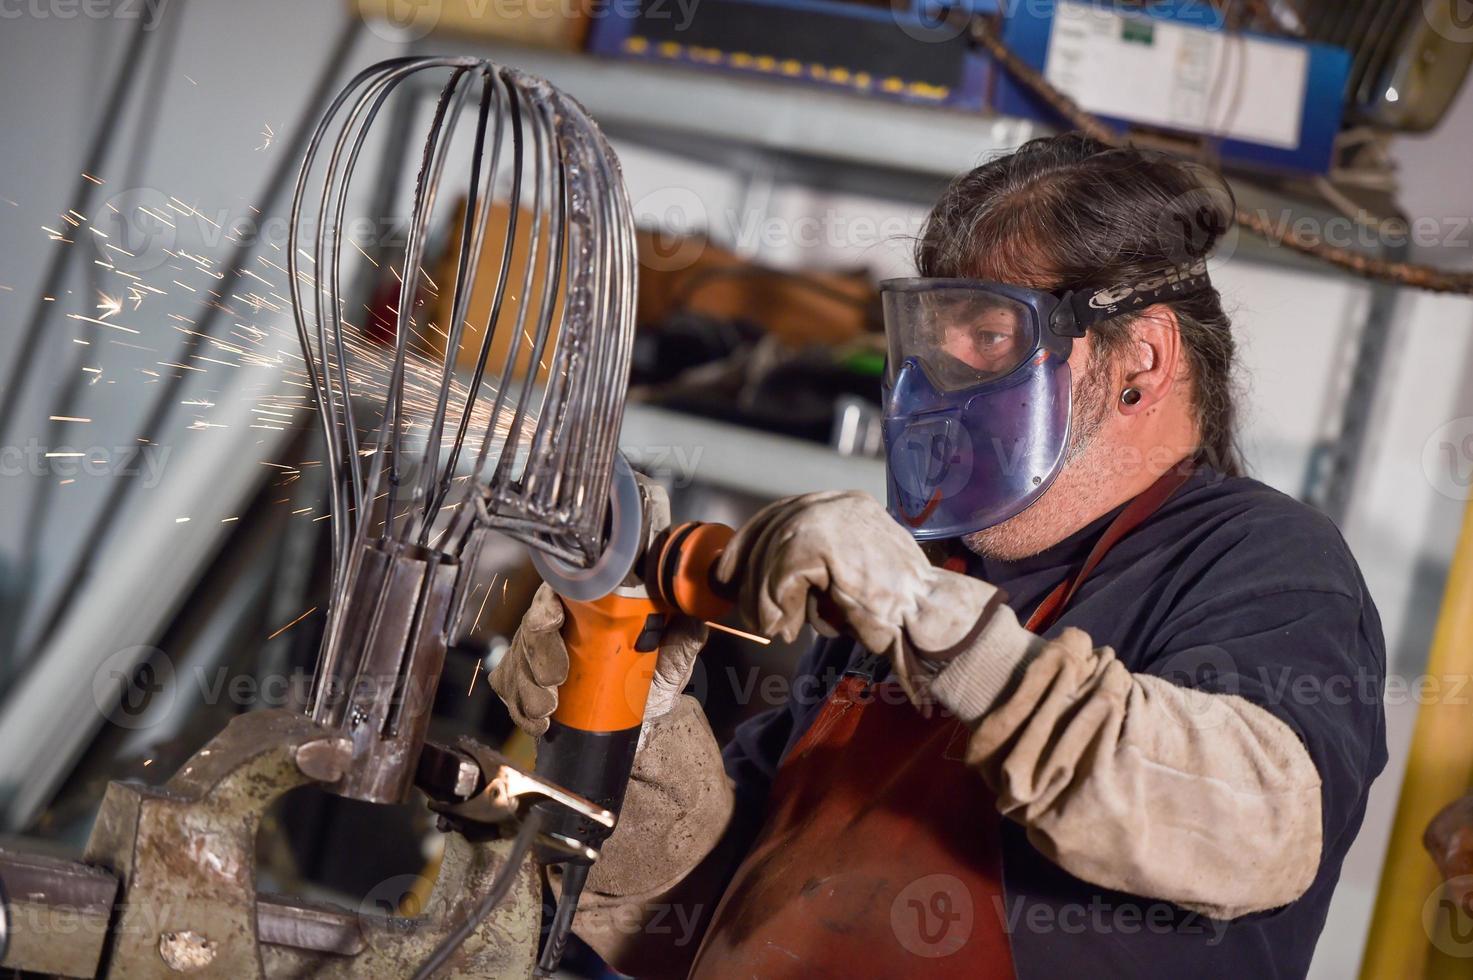 metallarbetare som slipar med gnistor i verkstaden foto